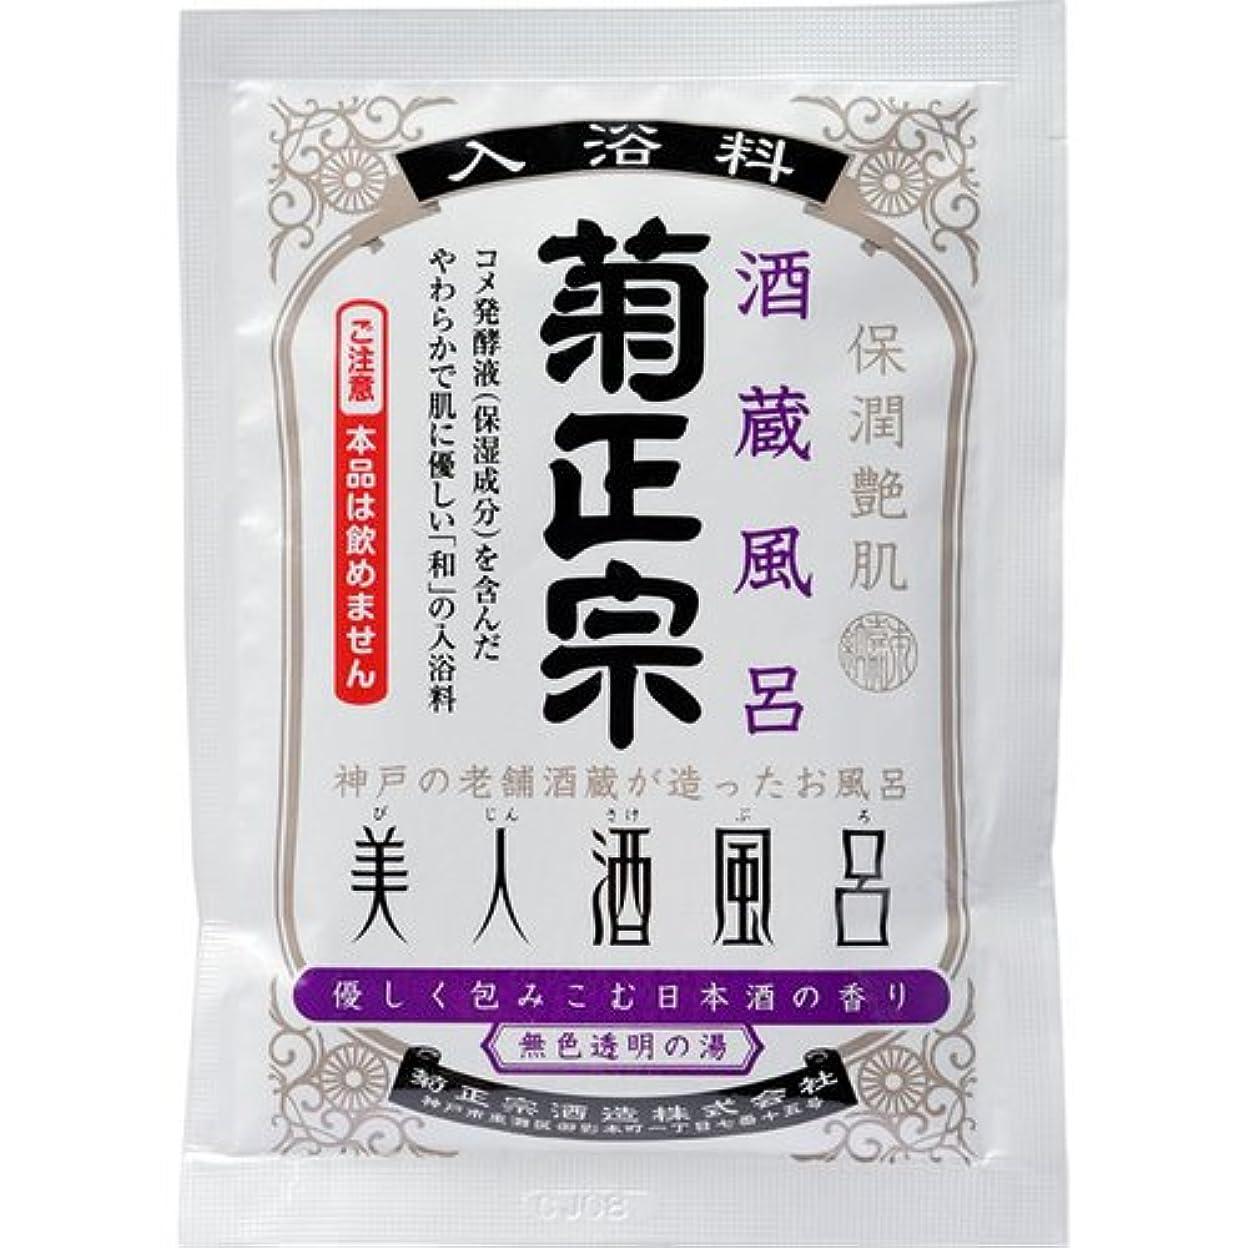 禁止する世辞凍る美人酒風呂 酒蔵風呂 優しく包みこむ日本酒の香り 60mL